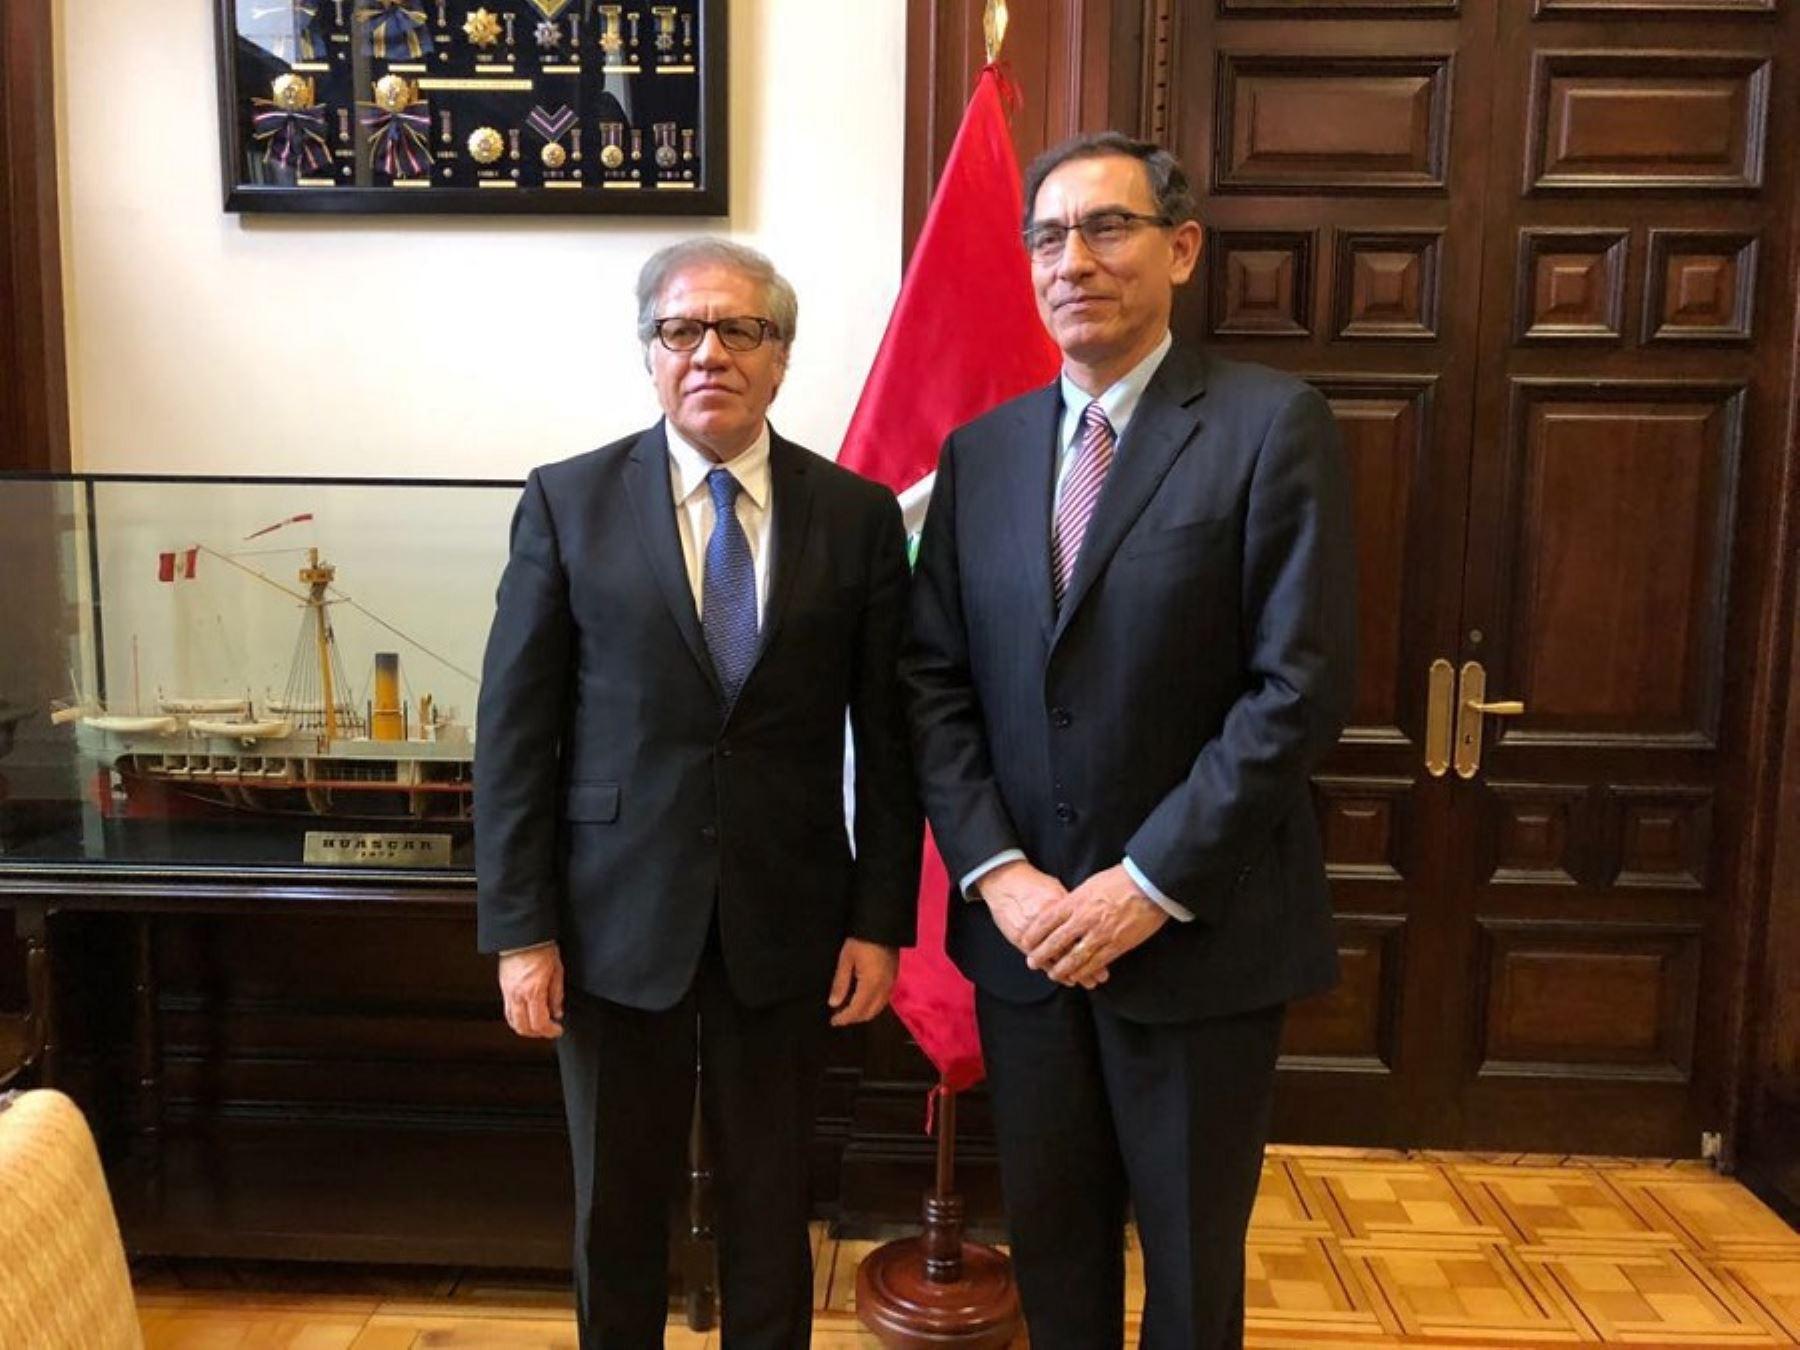 Presidente Martín Vizcarra se reunió con el secretario general de la OEA, Luis Almagro.